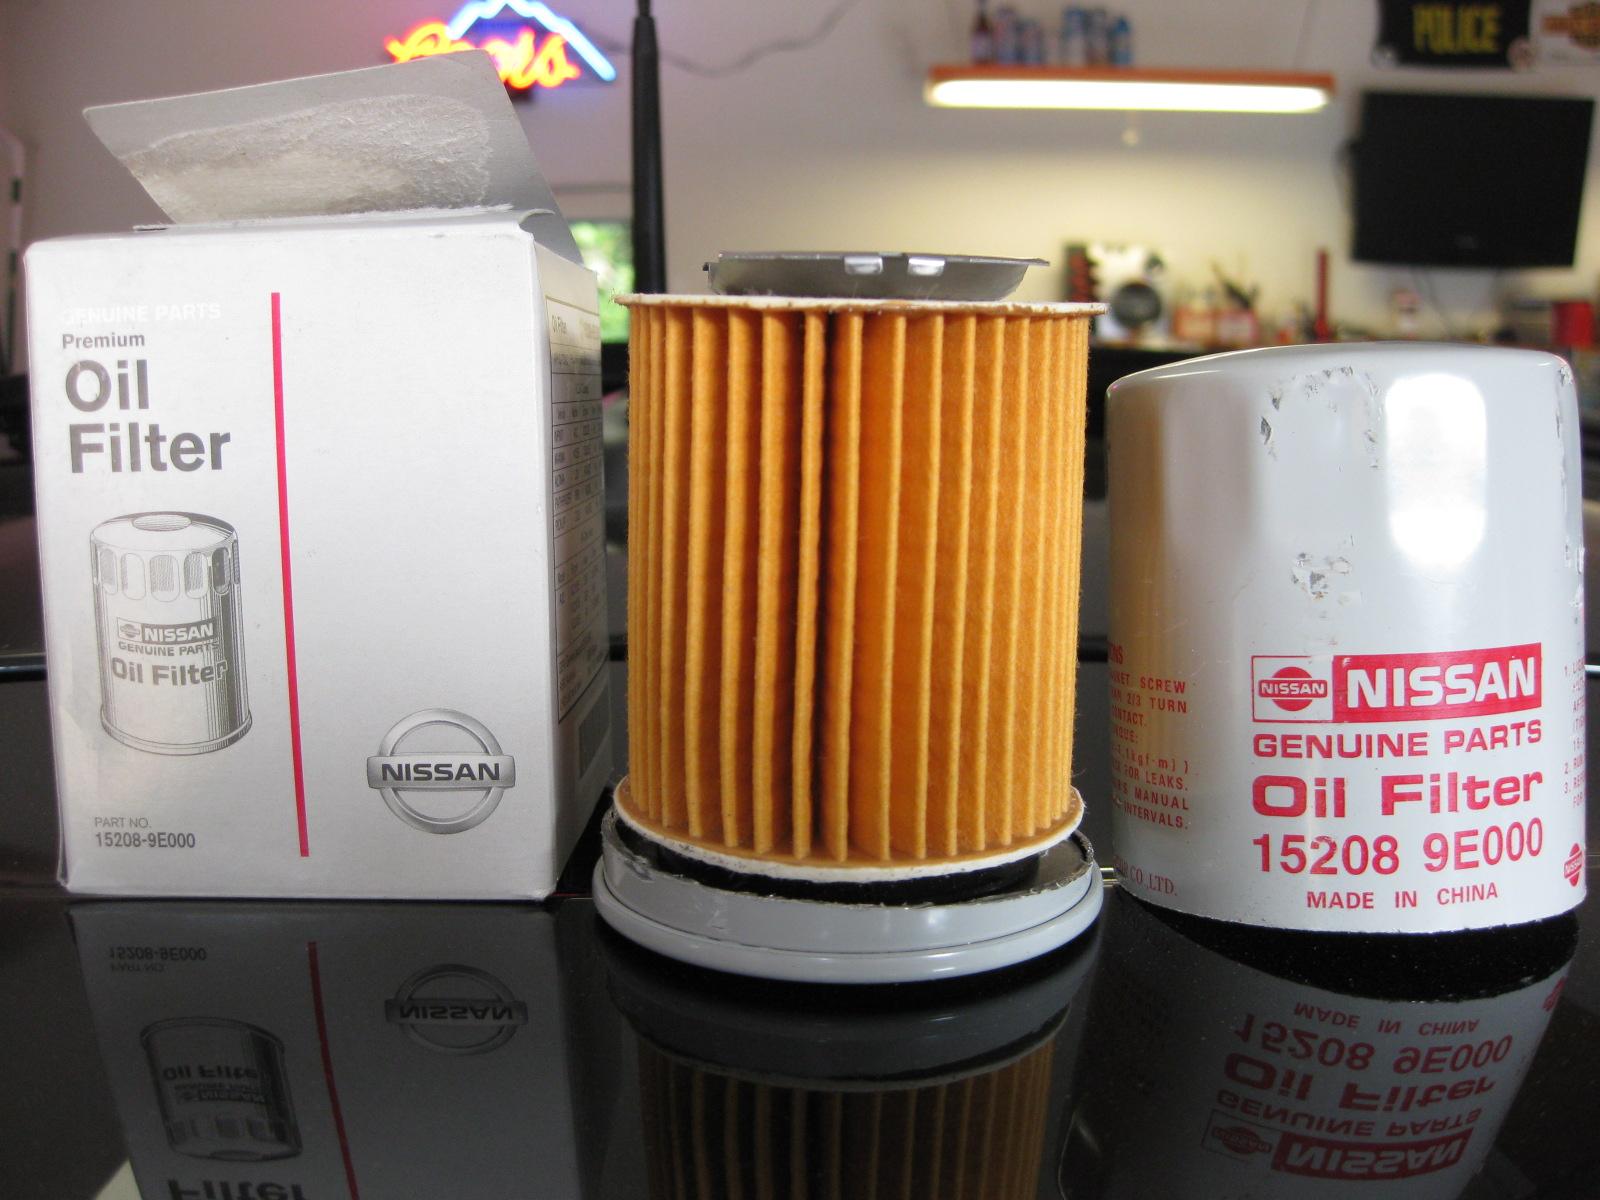 Nissan Oil Filter #15208-9E000-img_0670.jpg